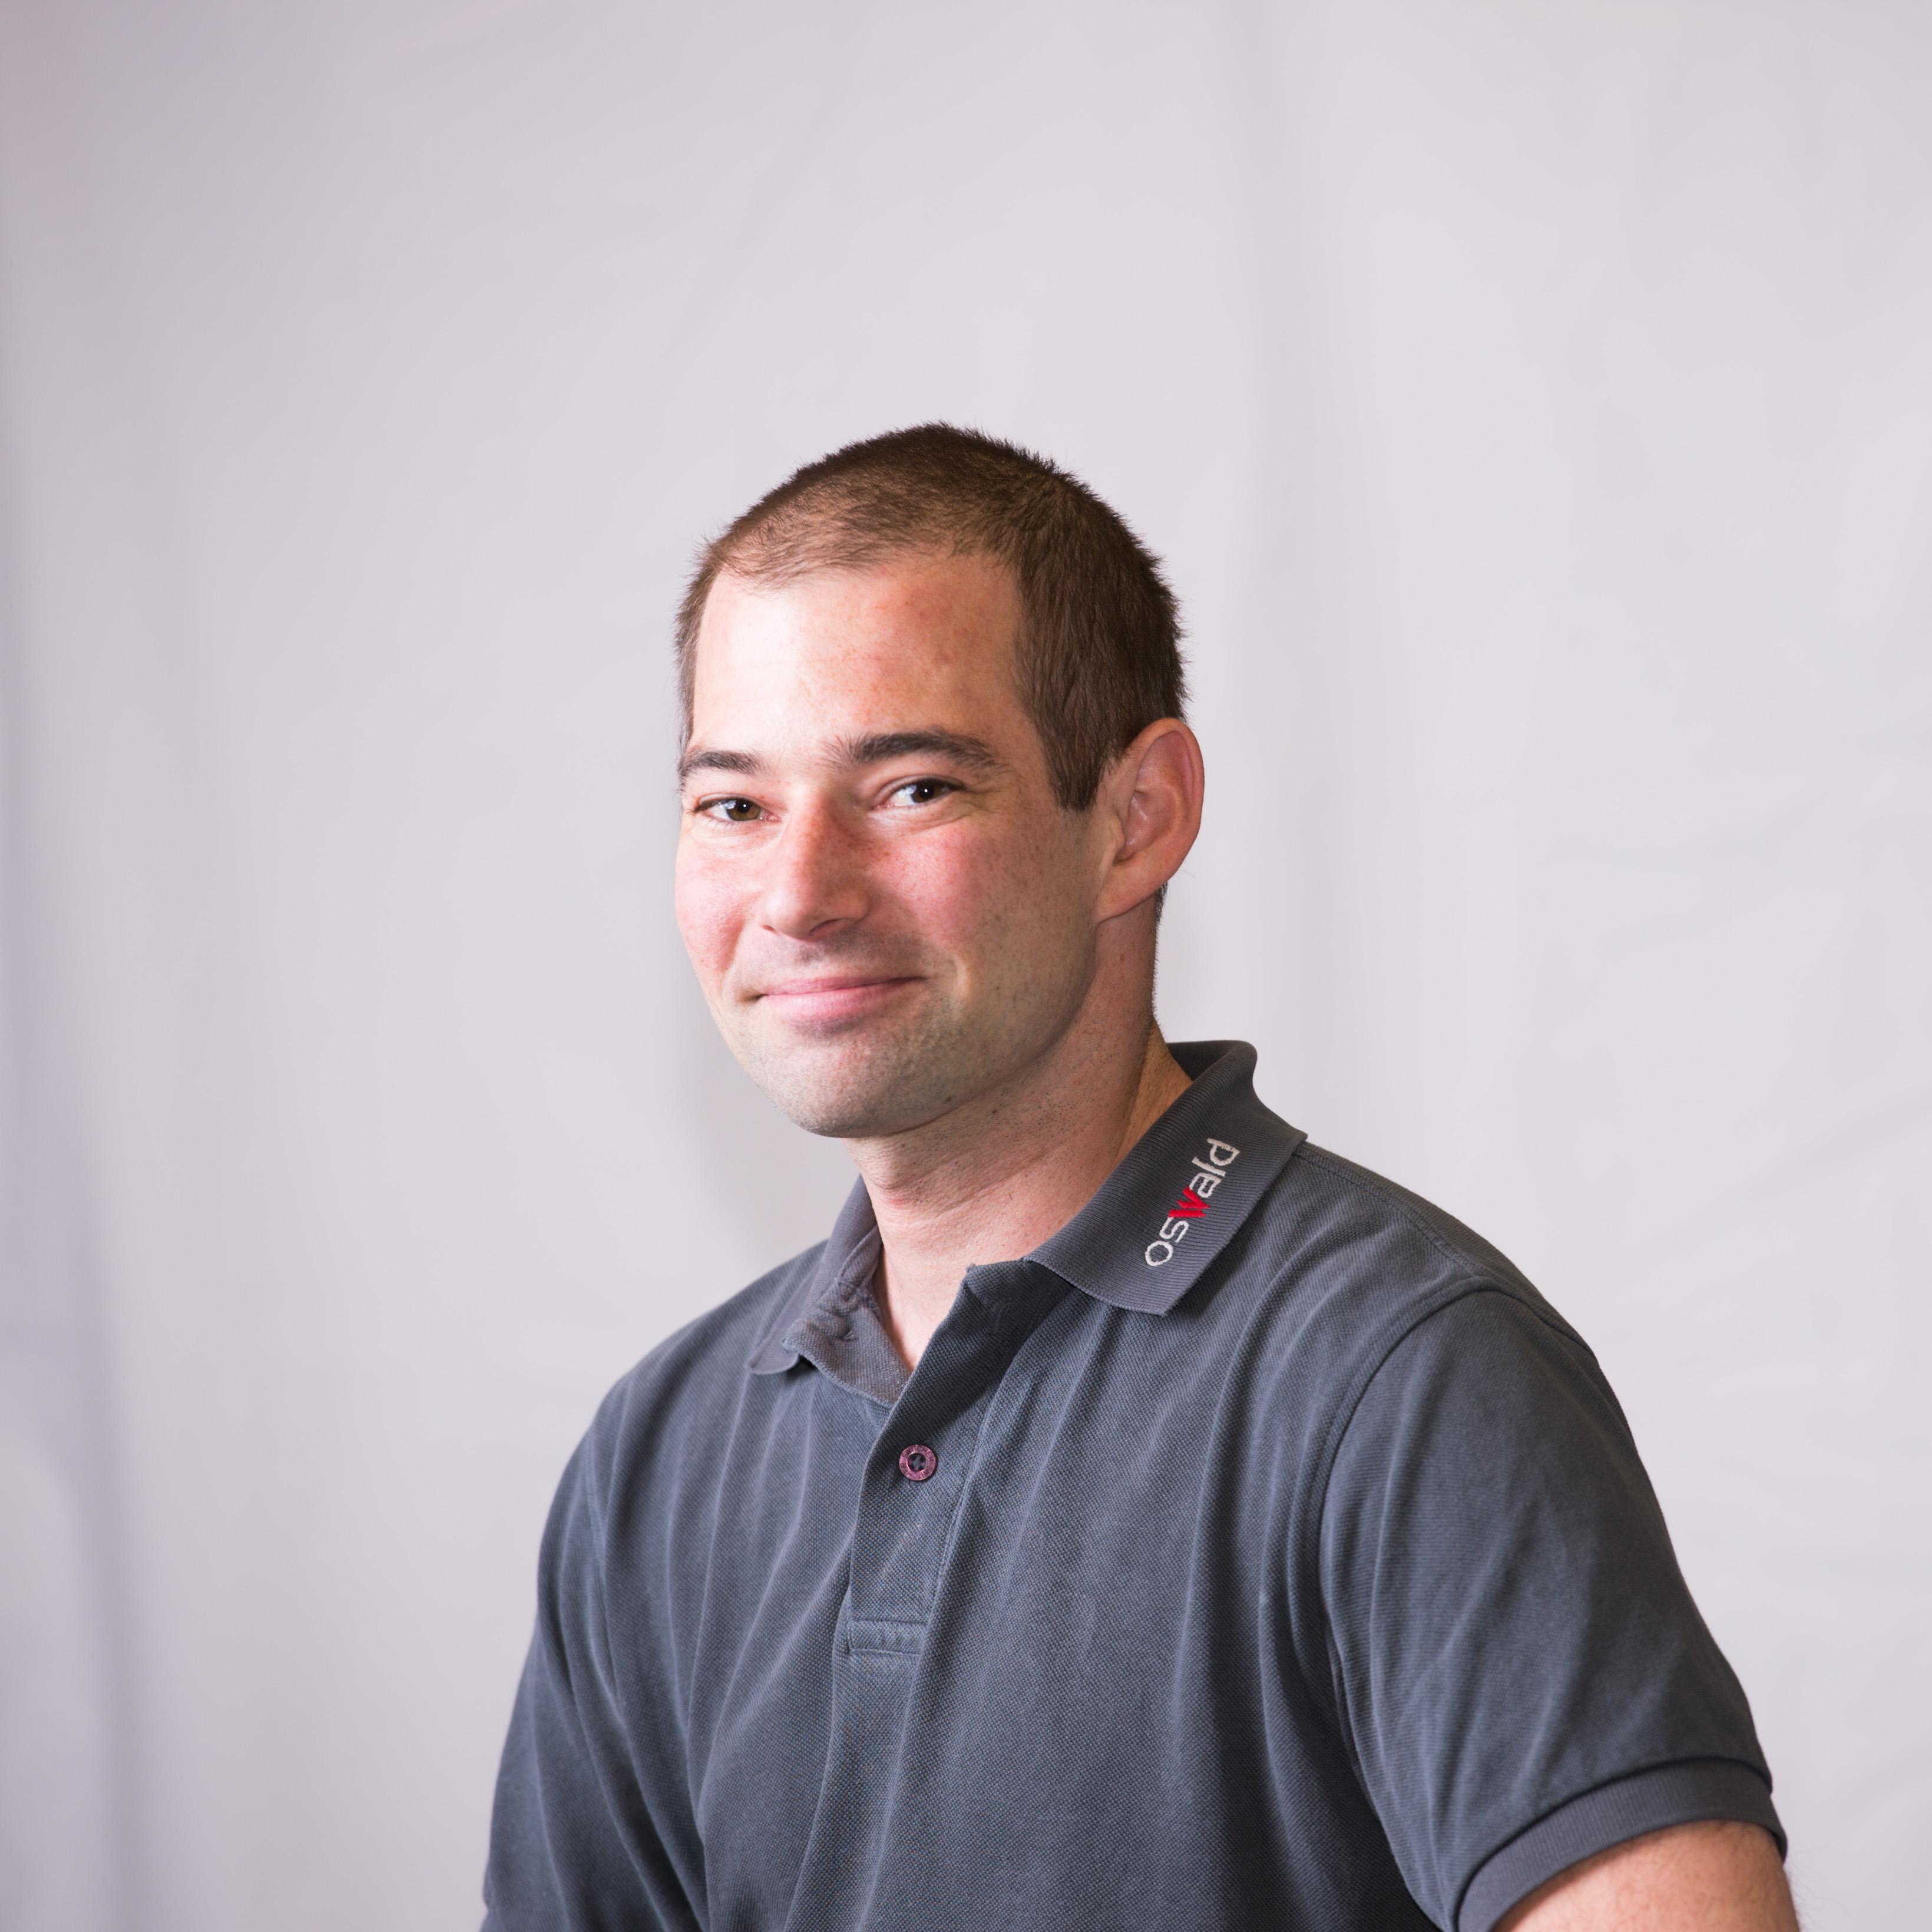 Daniel Moser